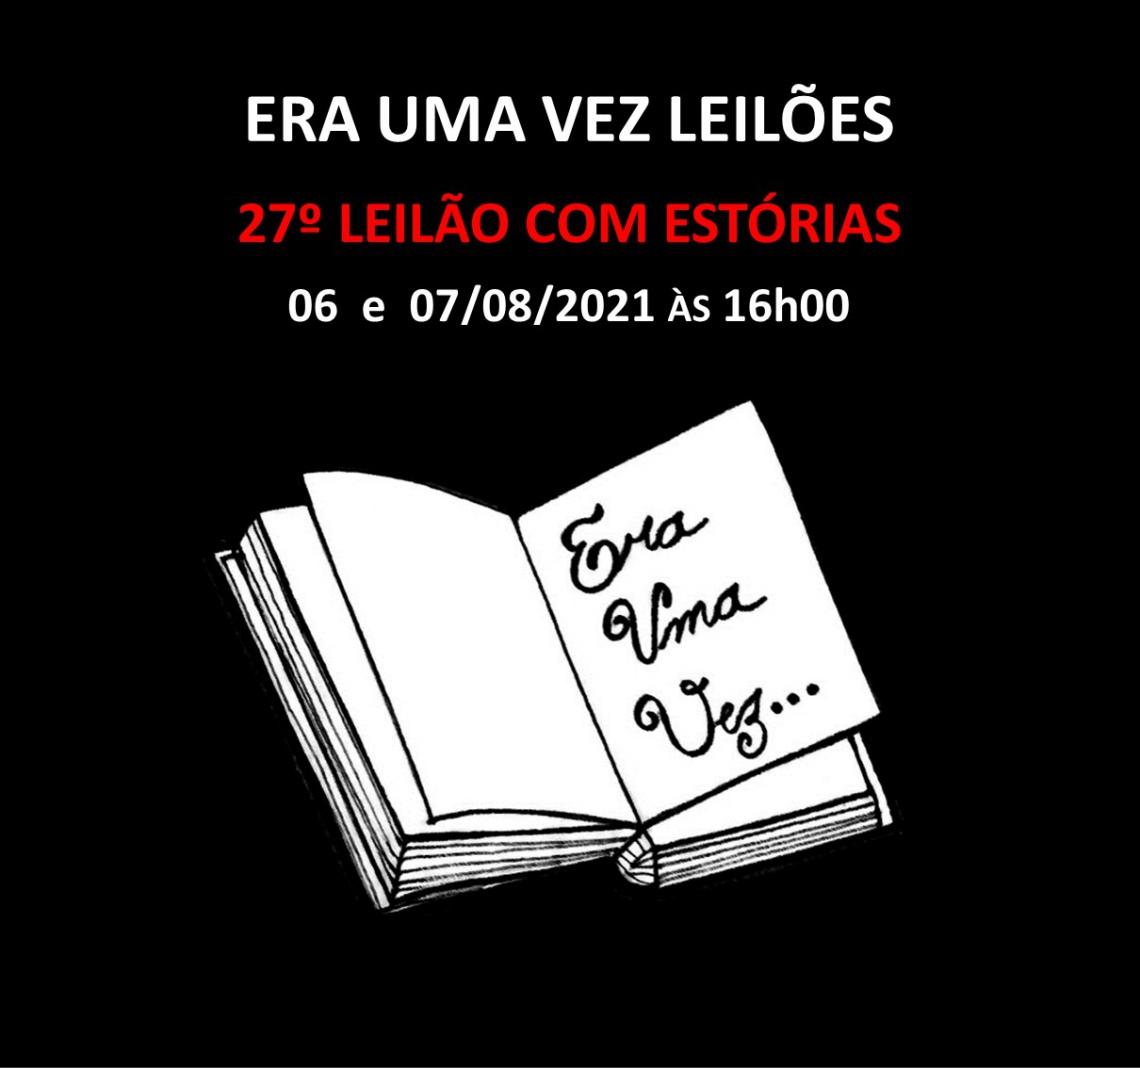 26º LEILÃO COM ESTÓRIAS - 03 e 05/07/2021 às 16h00